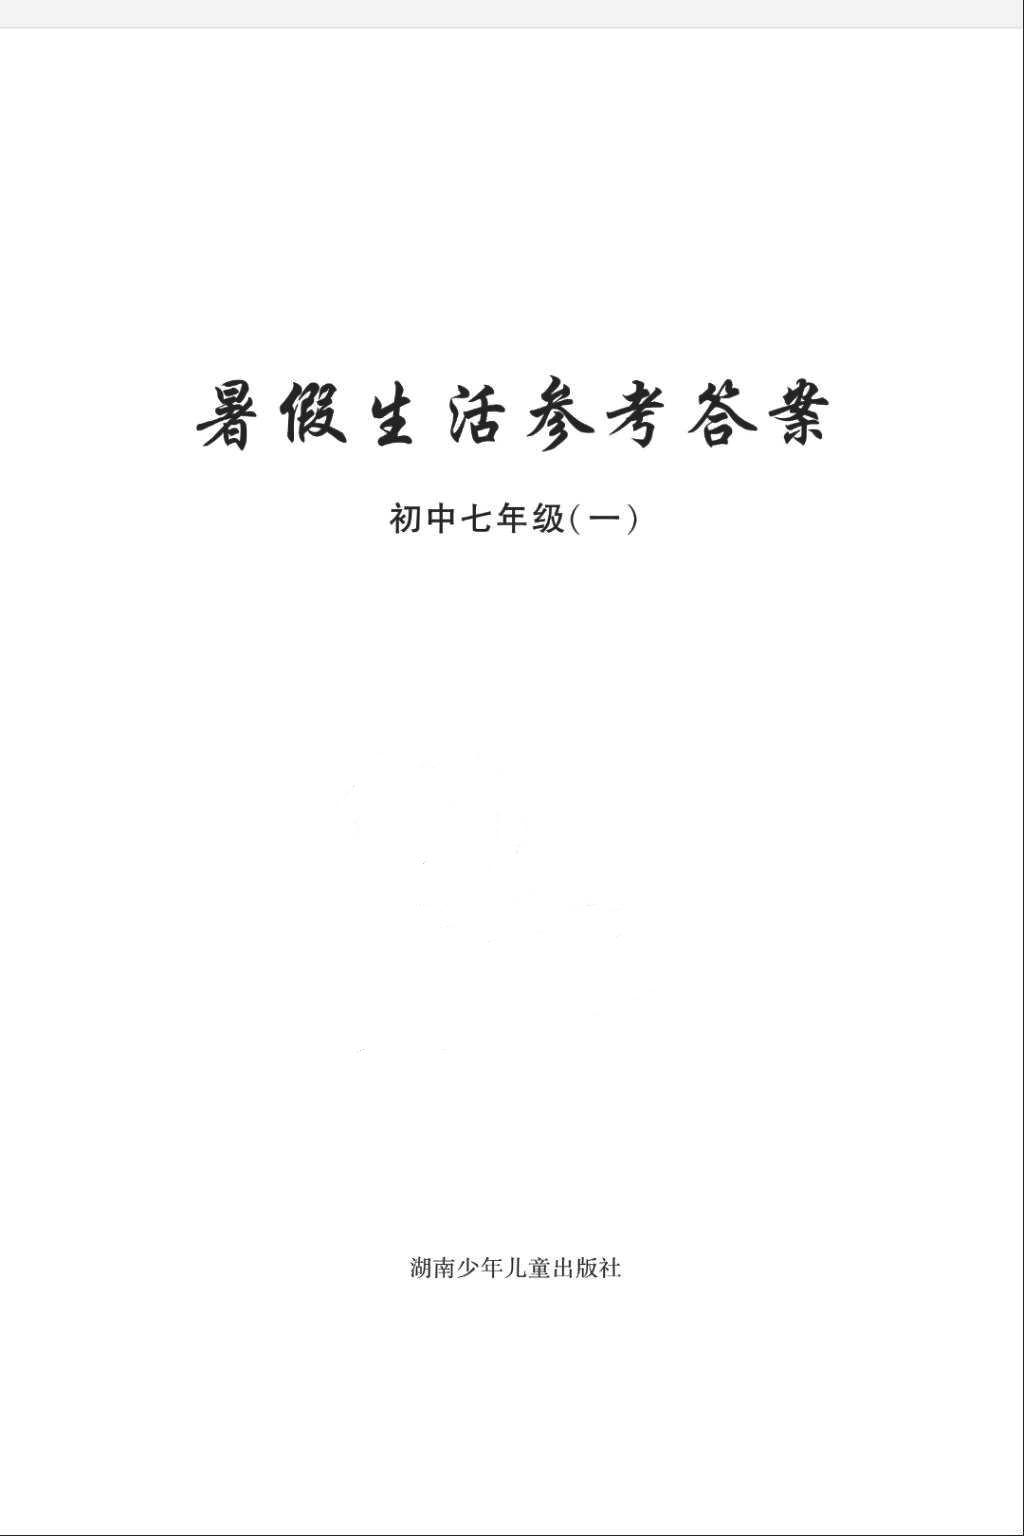 2018年暑假生活七年级语文数学英语湖南少年儿童出版社第1页